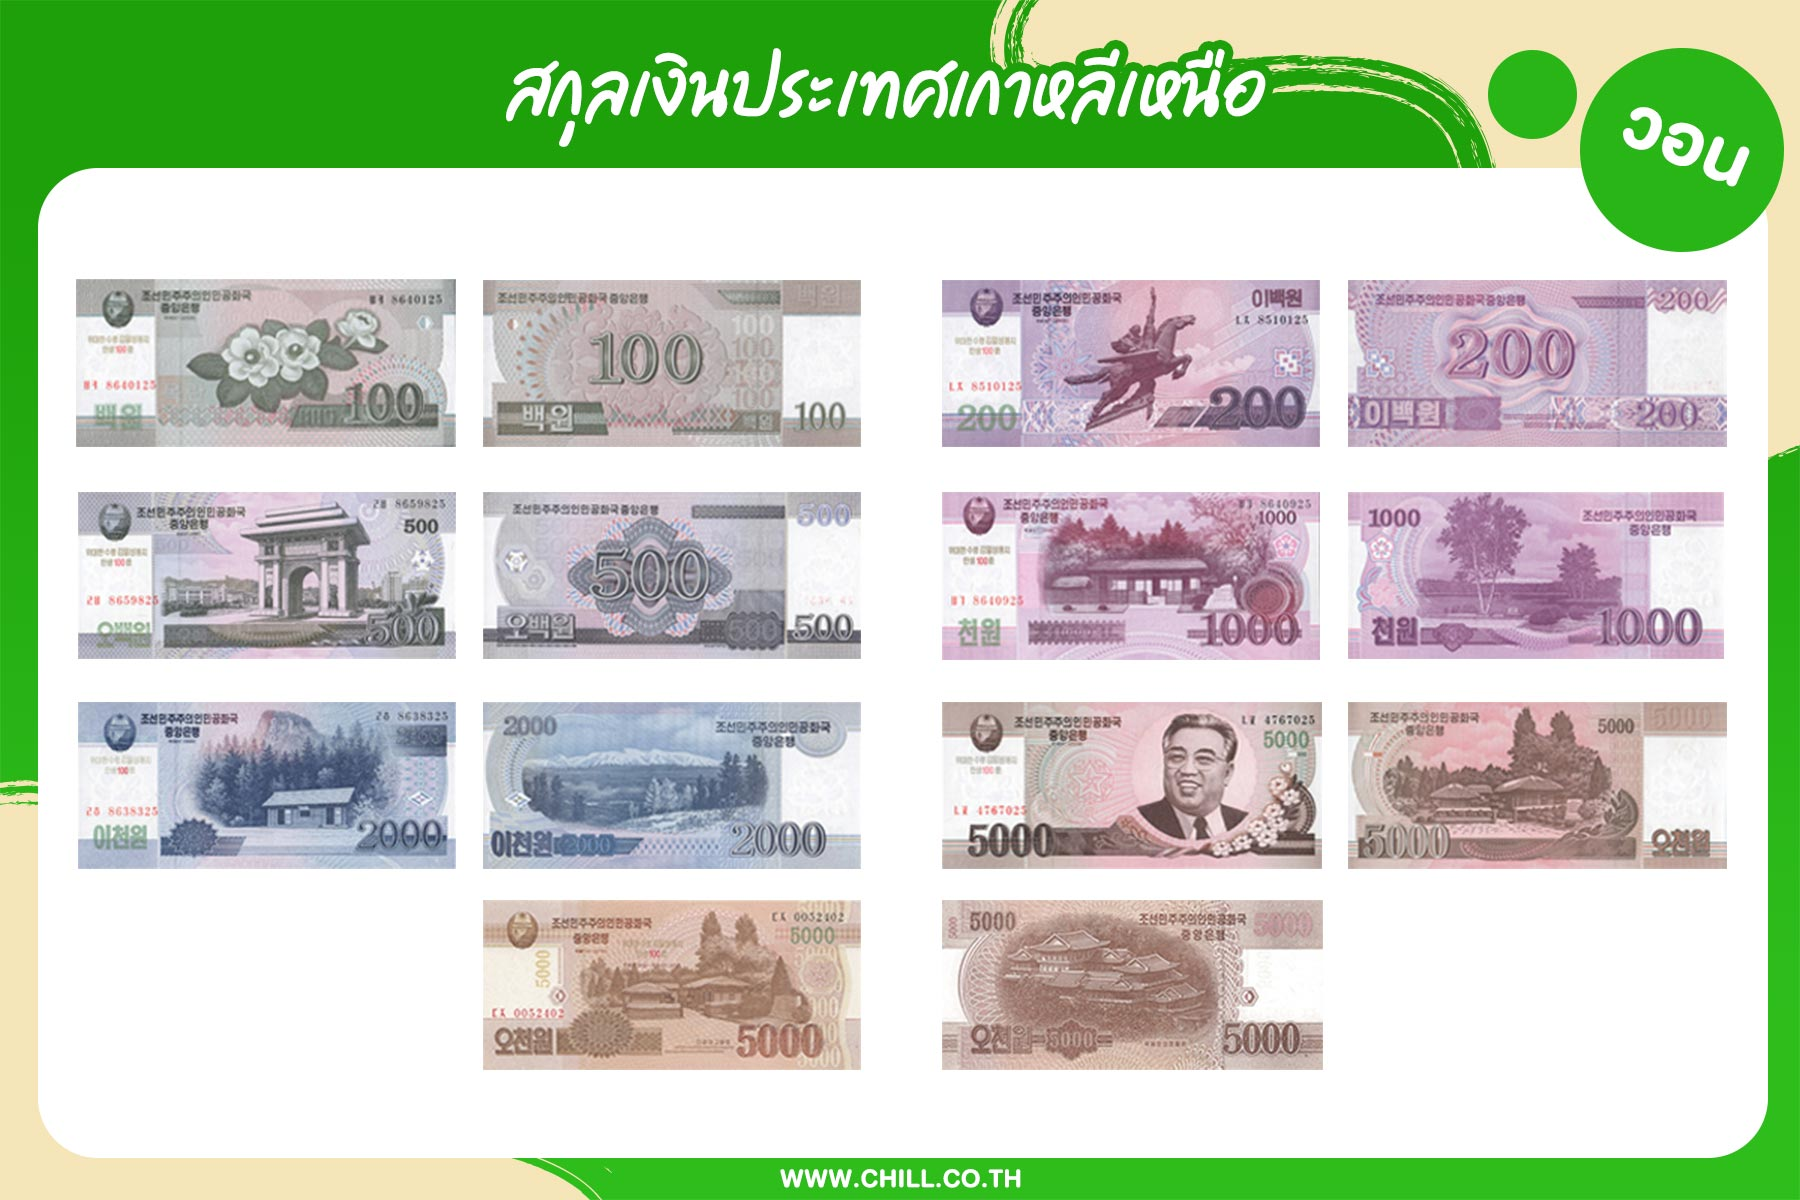 สกุลเงินประเทศเกาหลีเหนือ